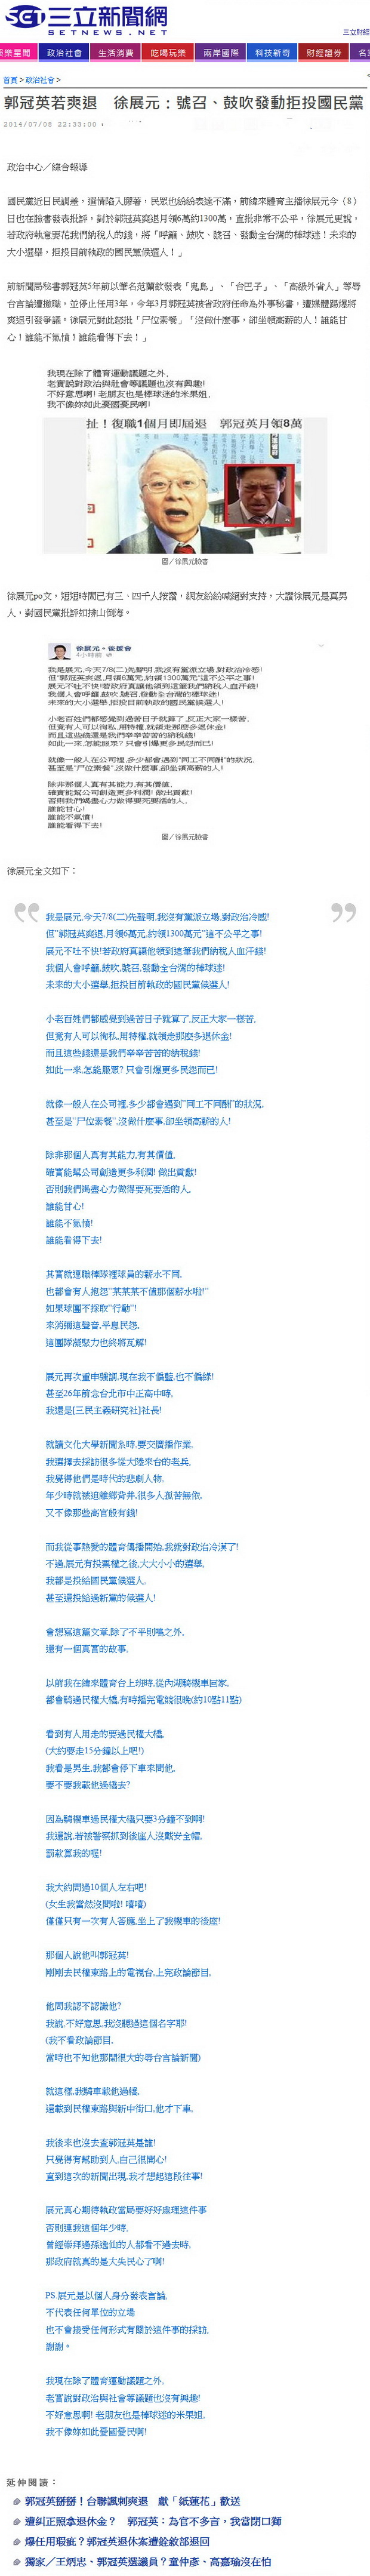 郭冠英若爽退 徐展元:號召、鼓吹發動拒投國民黨-2014.07.08.jpg